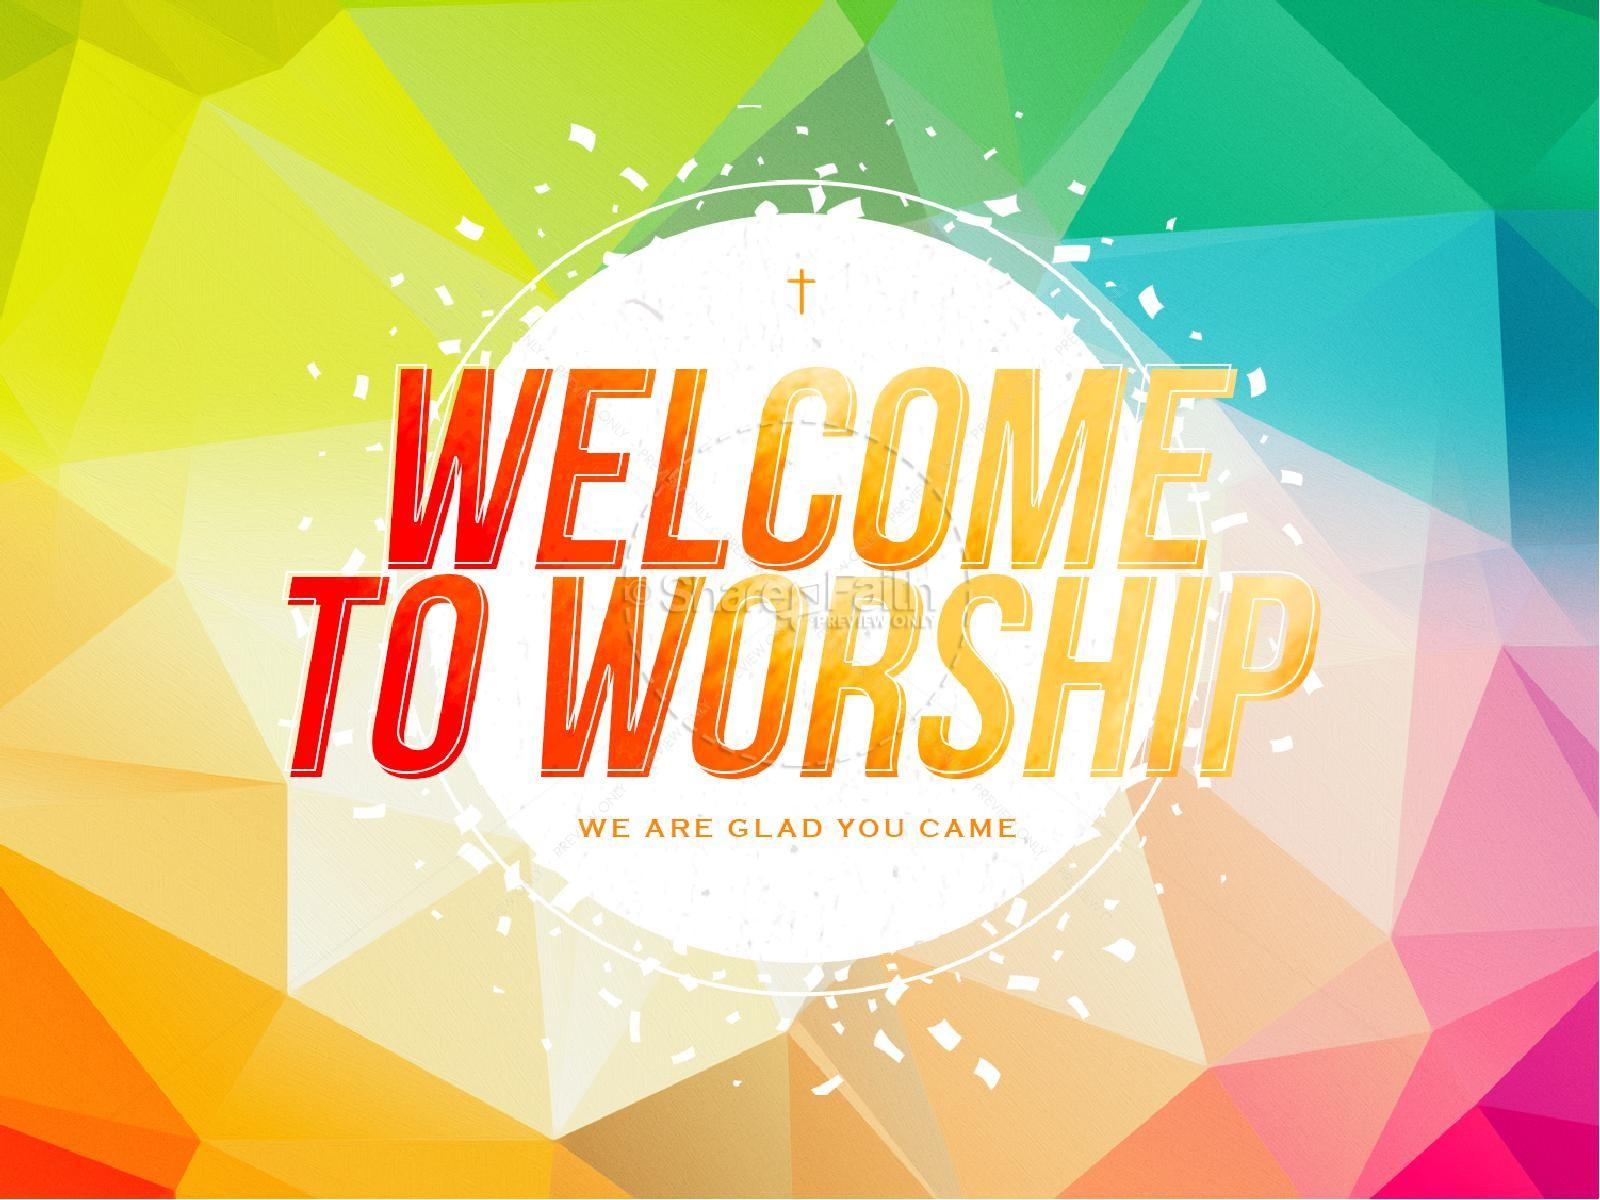 Easter Sunday Service Presentation Template | slide 2